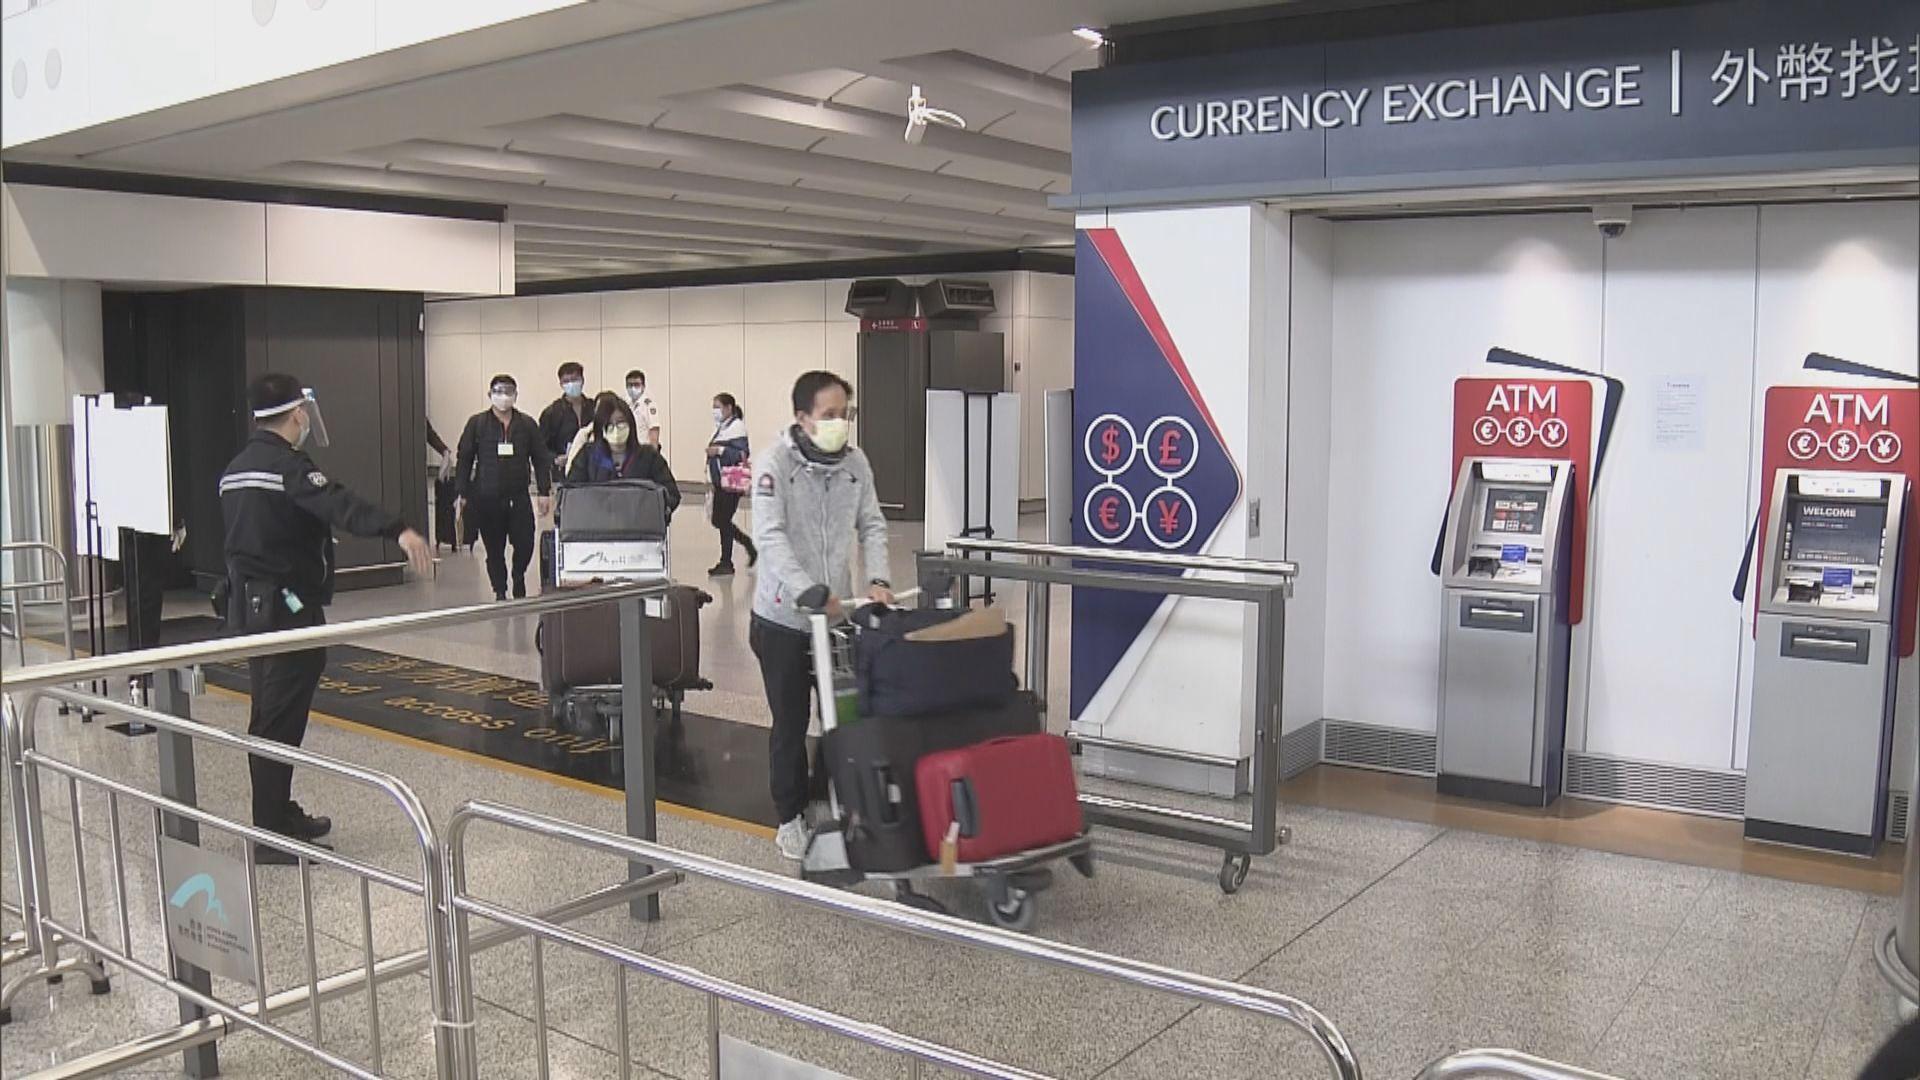 英國客機禁止抵港 有旅客指檢測報告需時擔心未能回港